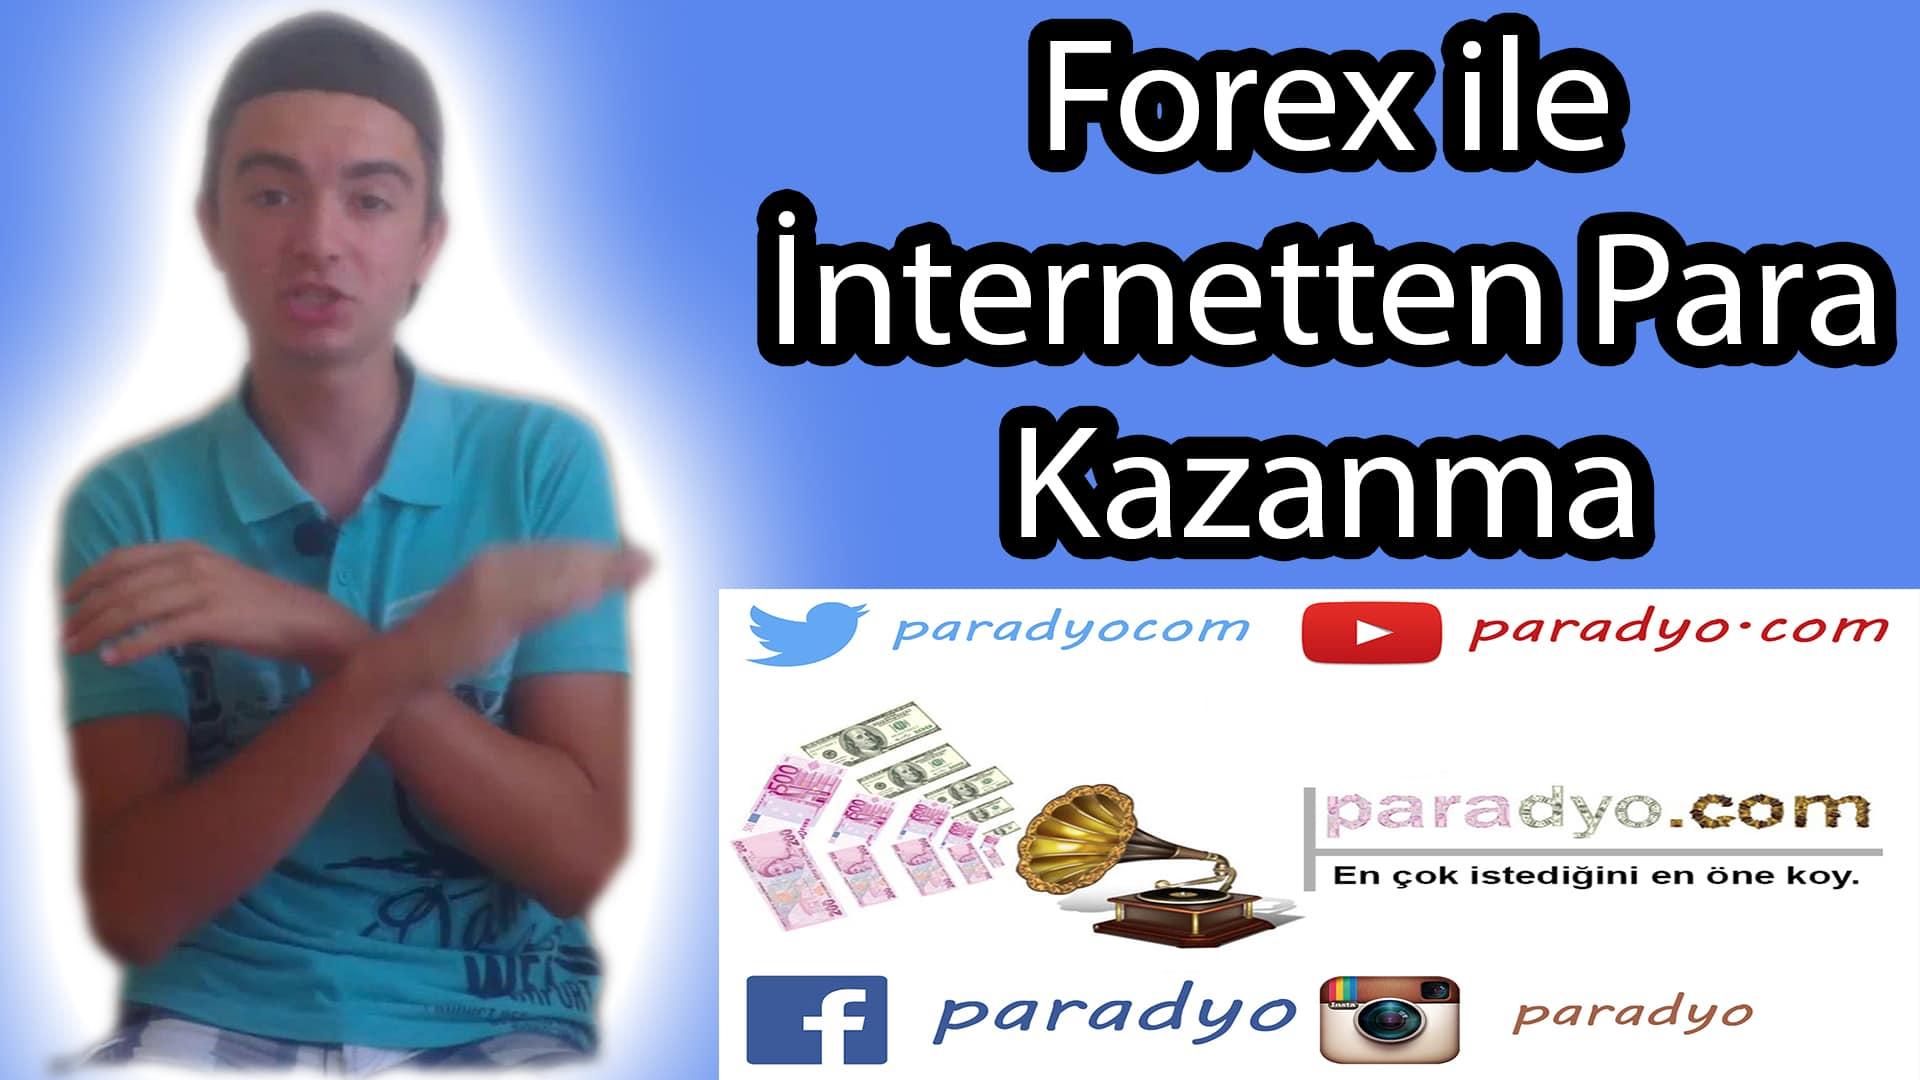 Forex ile para kazanma